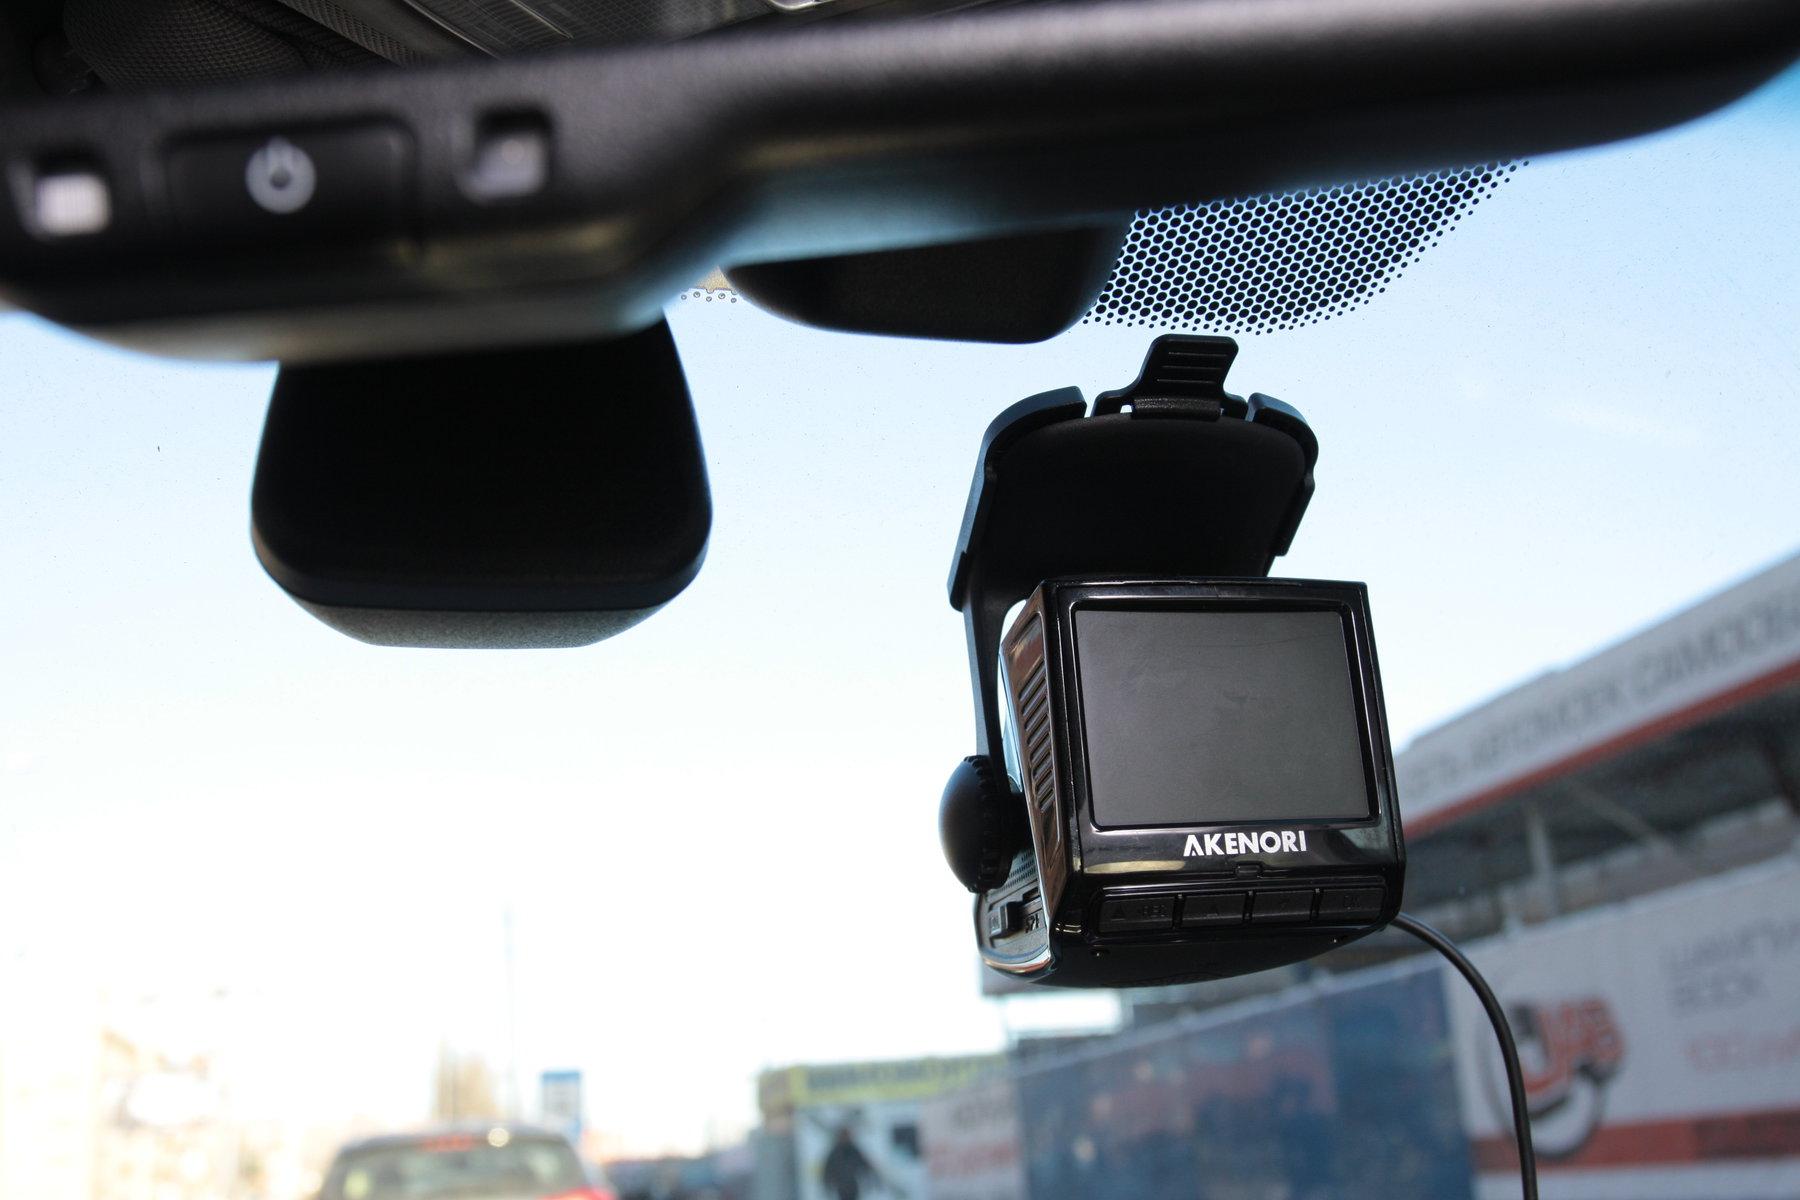 Тест видеорегистратор akenori видеорегистраторы-соотношение цены и качества